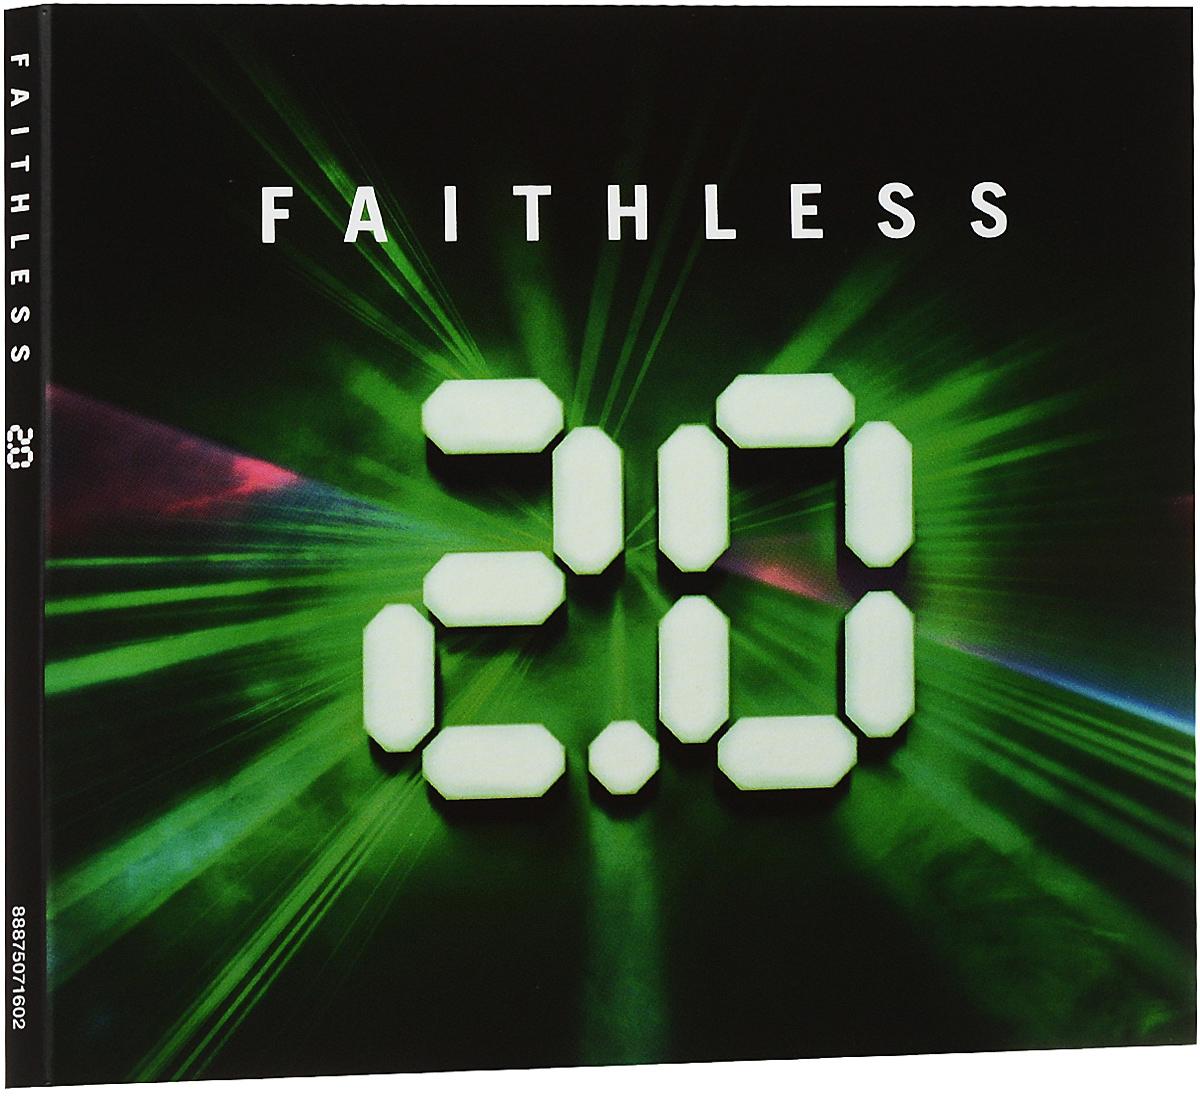 Faithless. 2.0 (2 CD) 2015 2 Audio CD